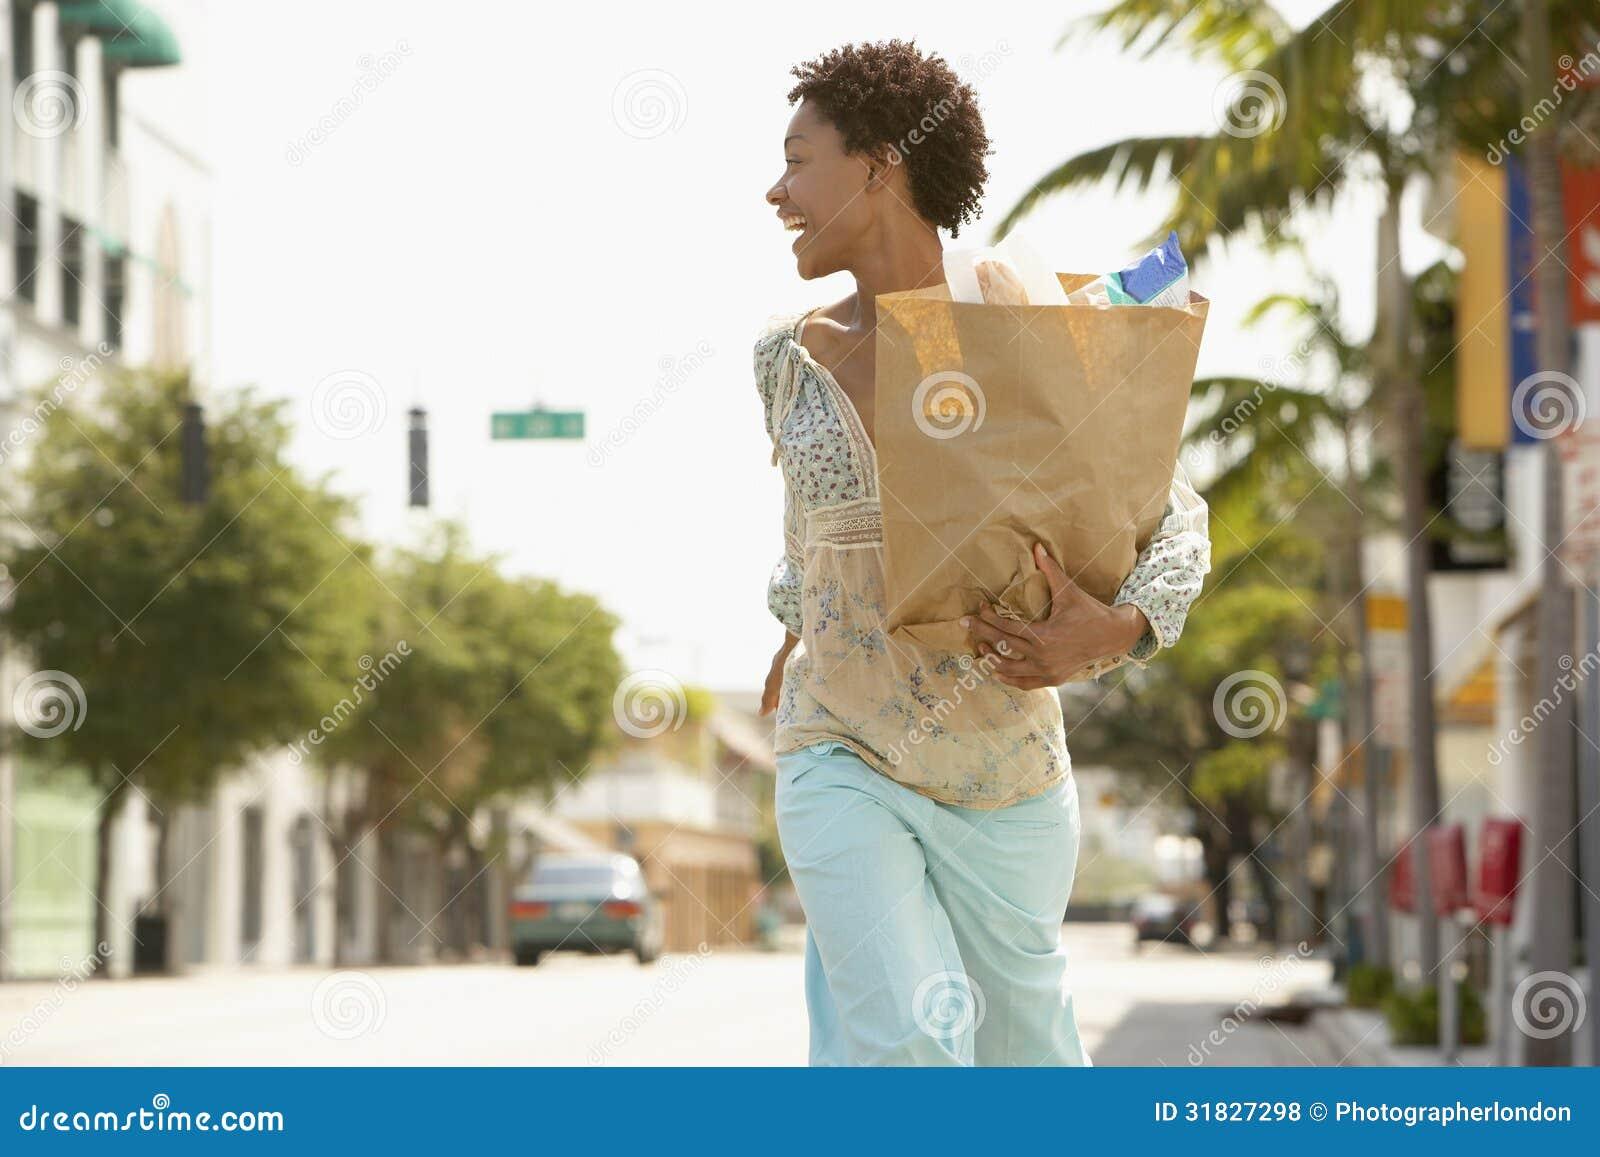 Saco de mantimento levando da mulher ao andar na rua